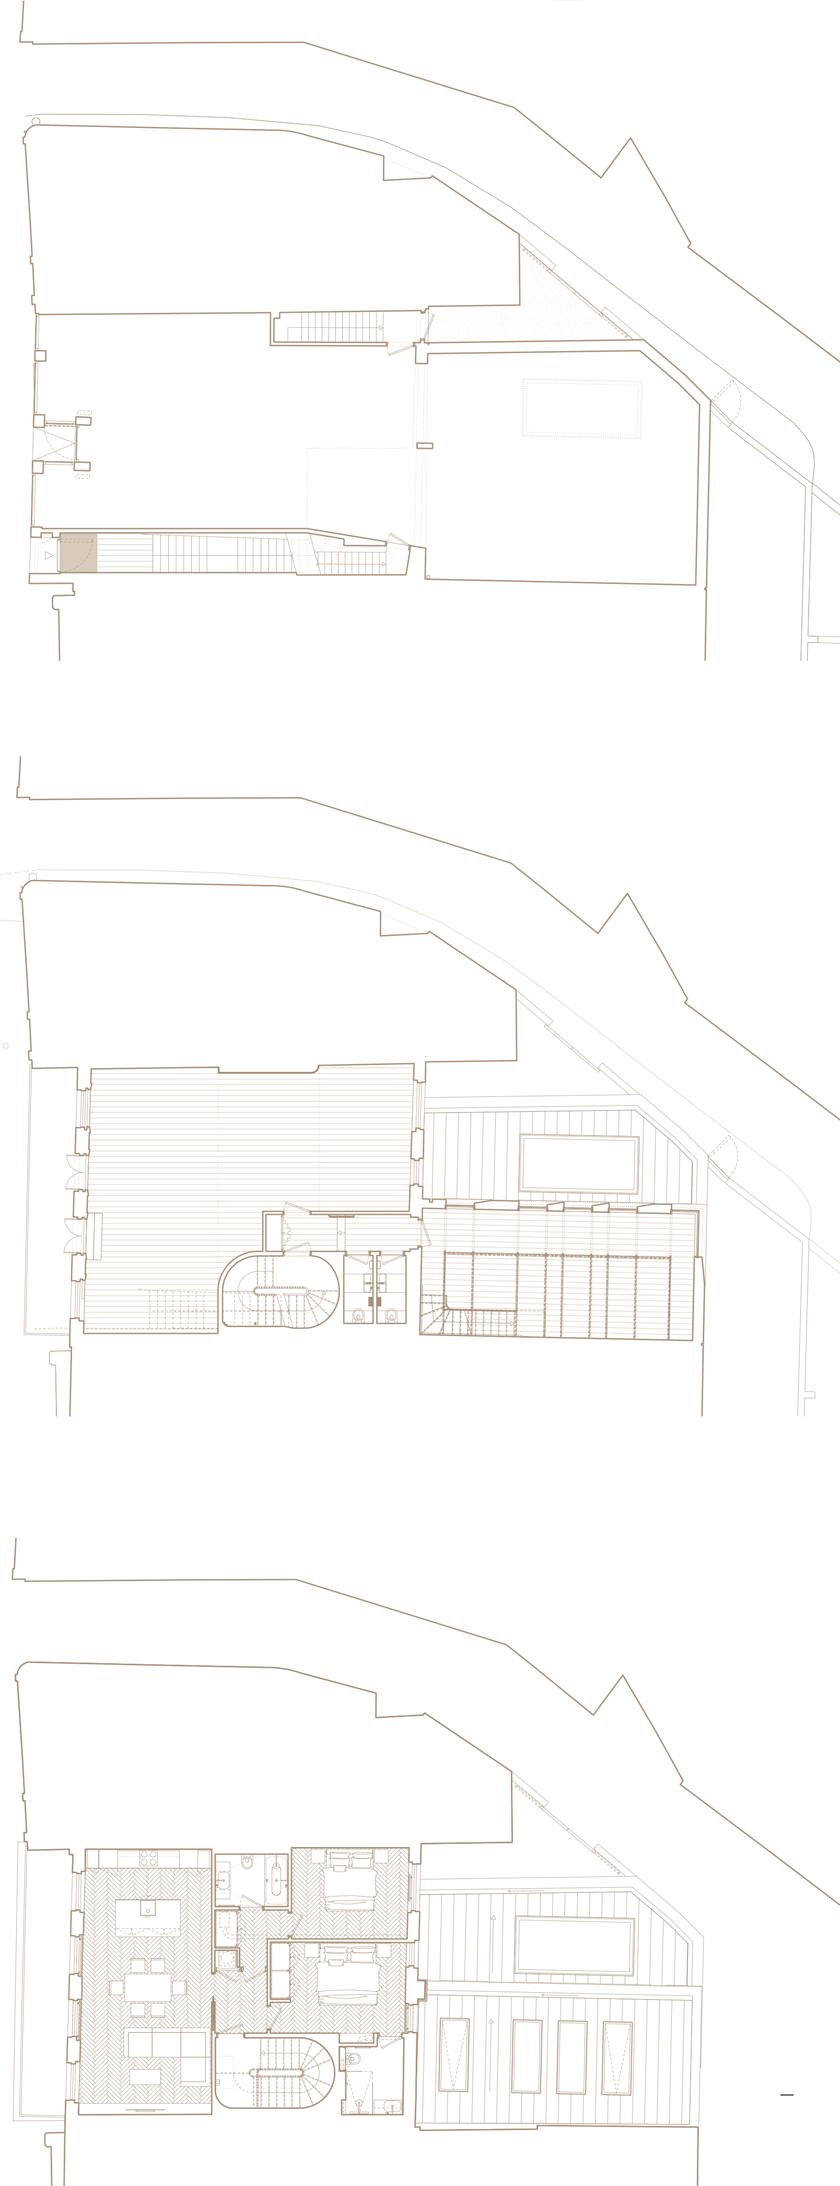 The Bird in Hand Hampstead: floor plans